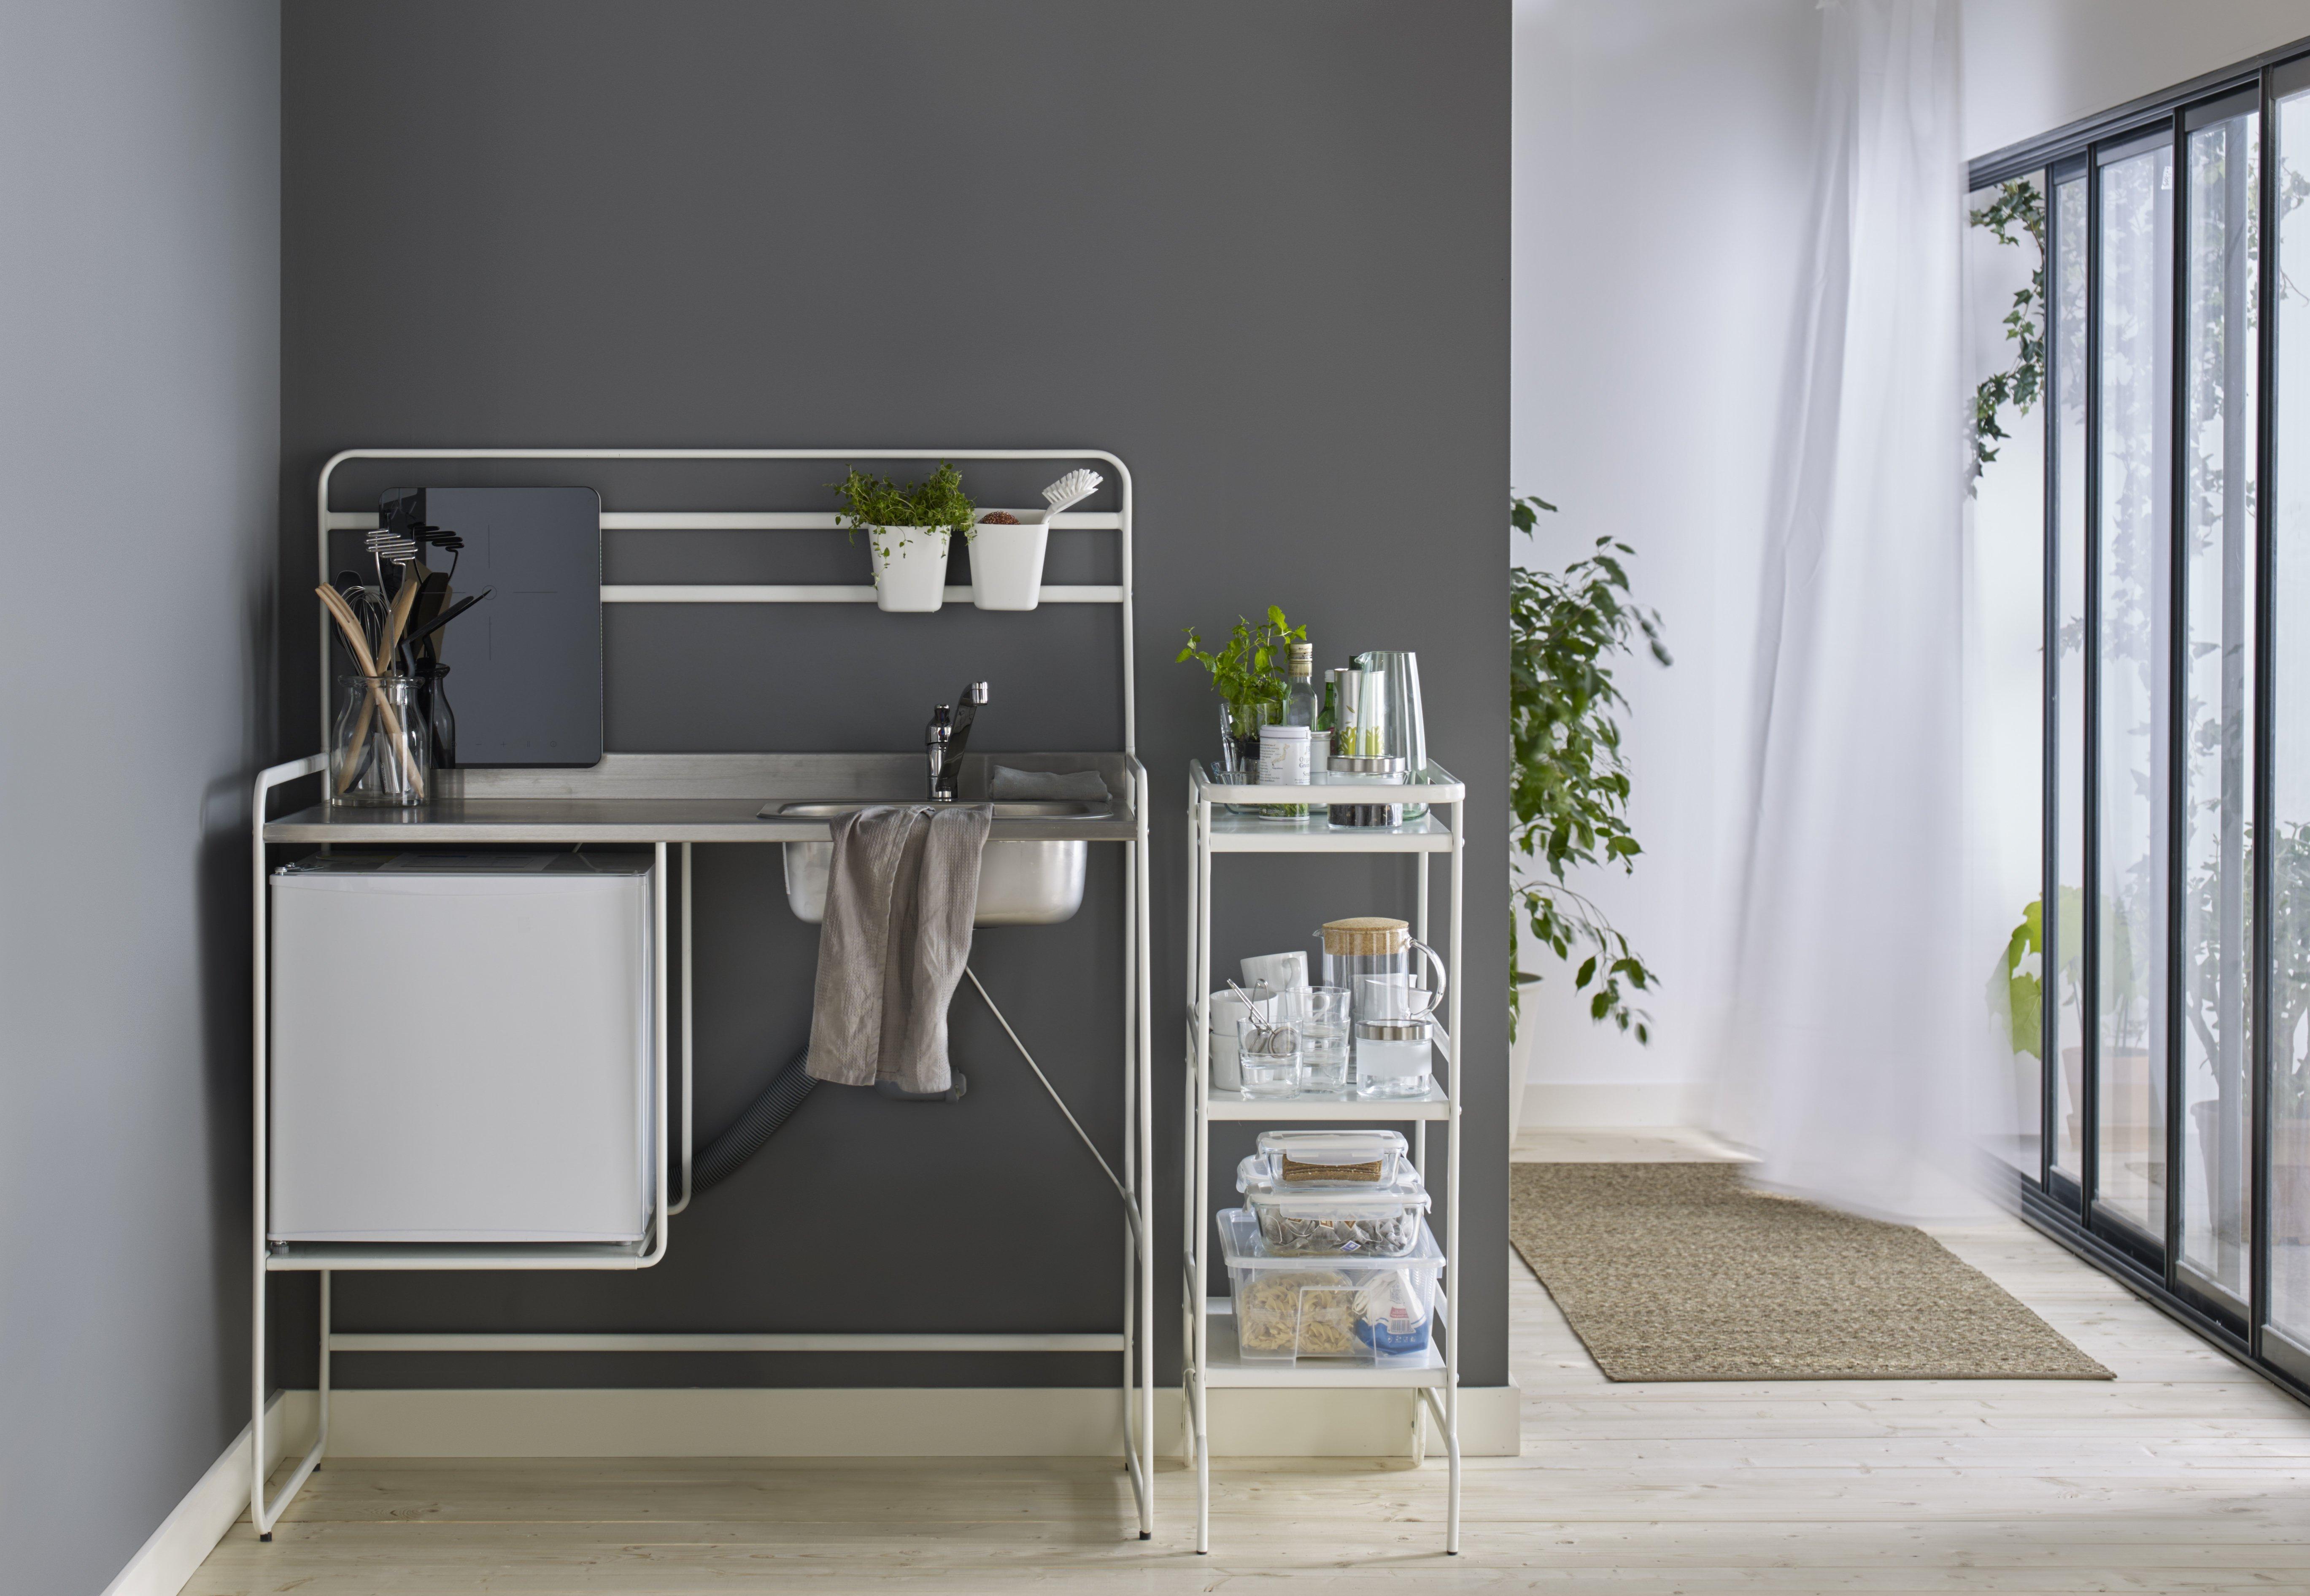 Credenza Alta Ikea : Cappa cucina ikea cm non funziona